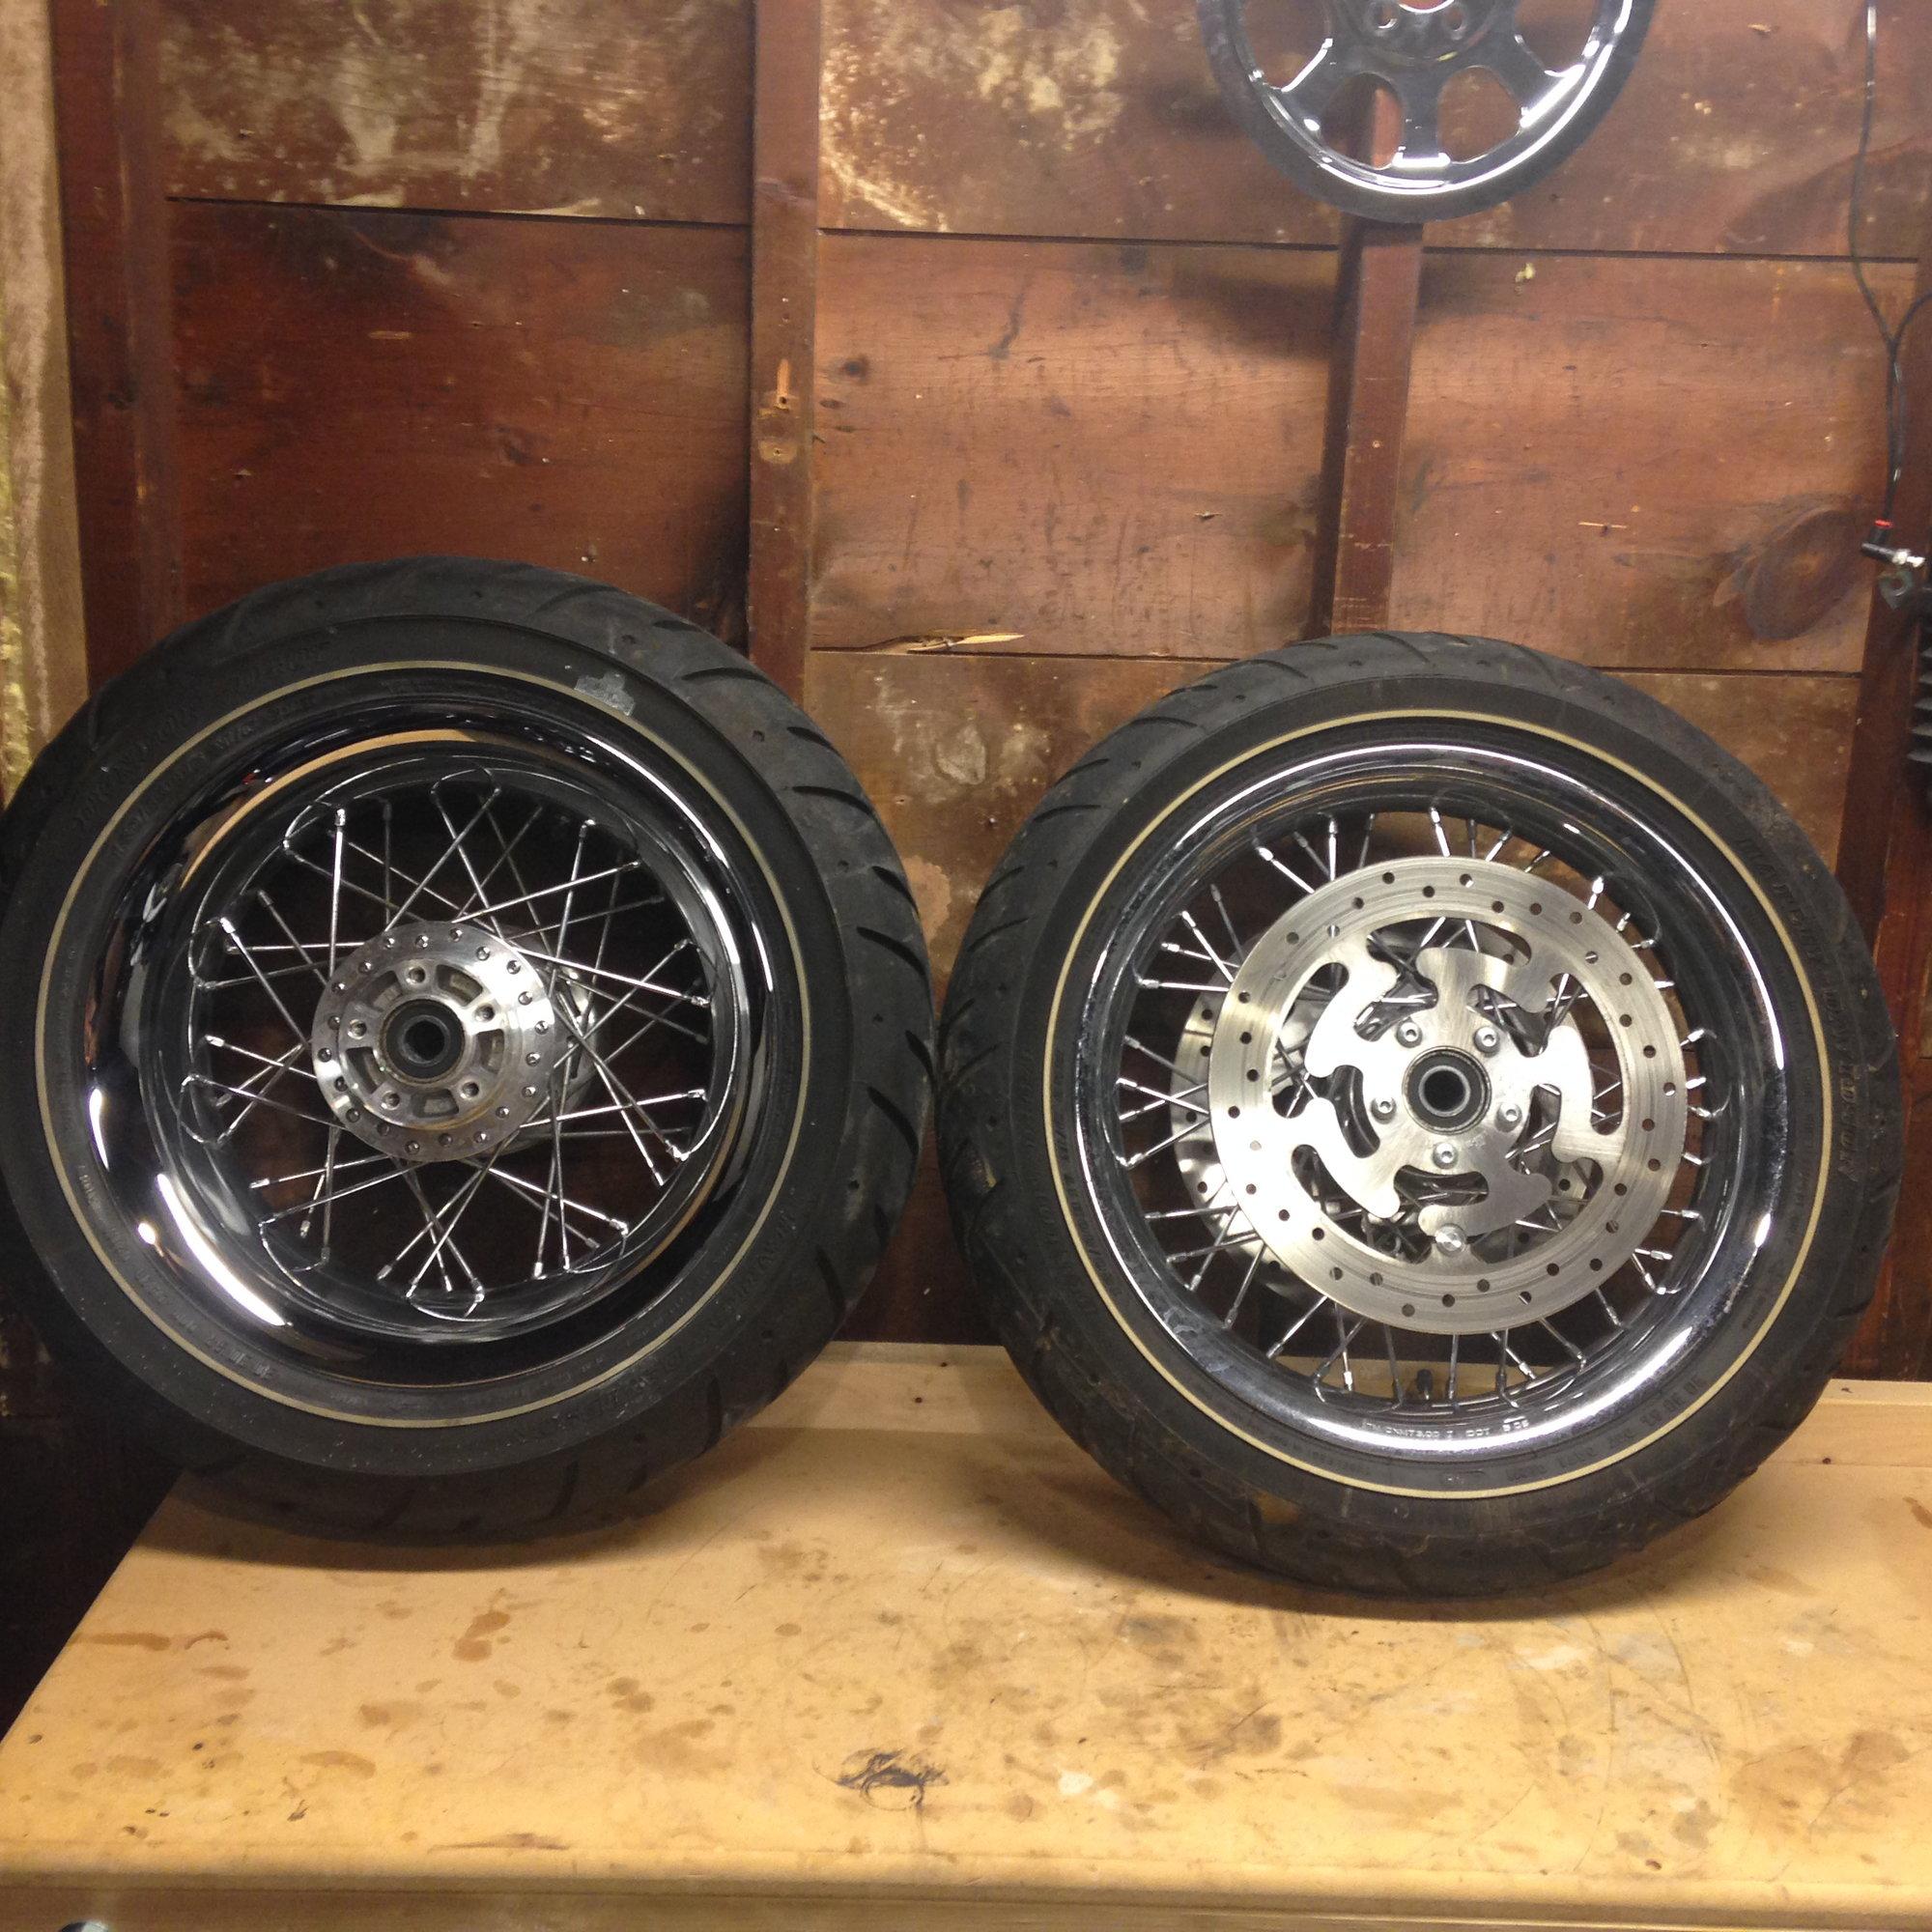 2009 Harley Davidson Road King Parts